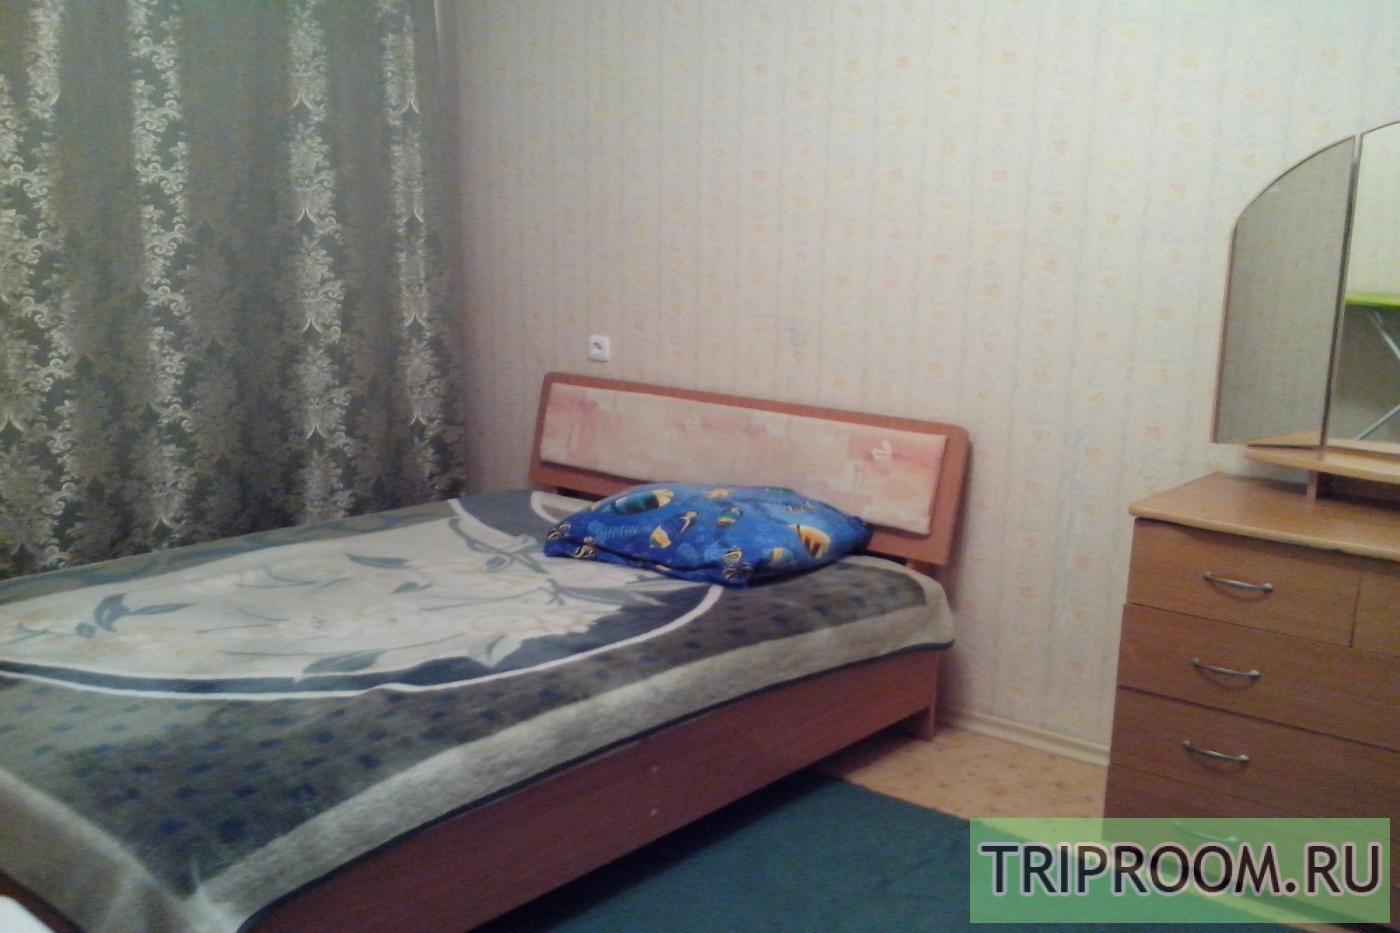 2-комнатная квартира посуточно (вариант № 5932), ул. Весны улица, фото № 9